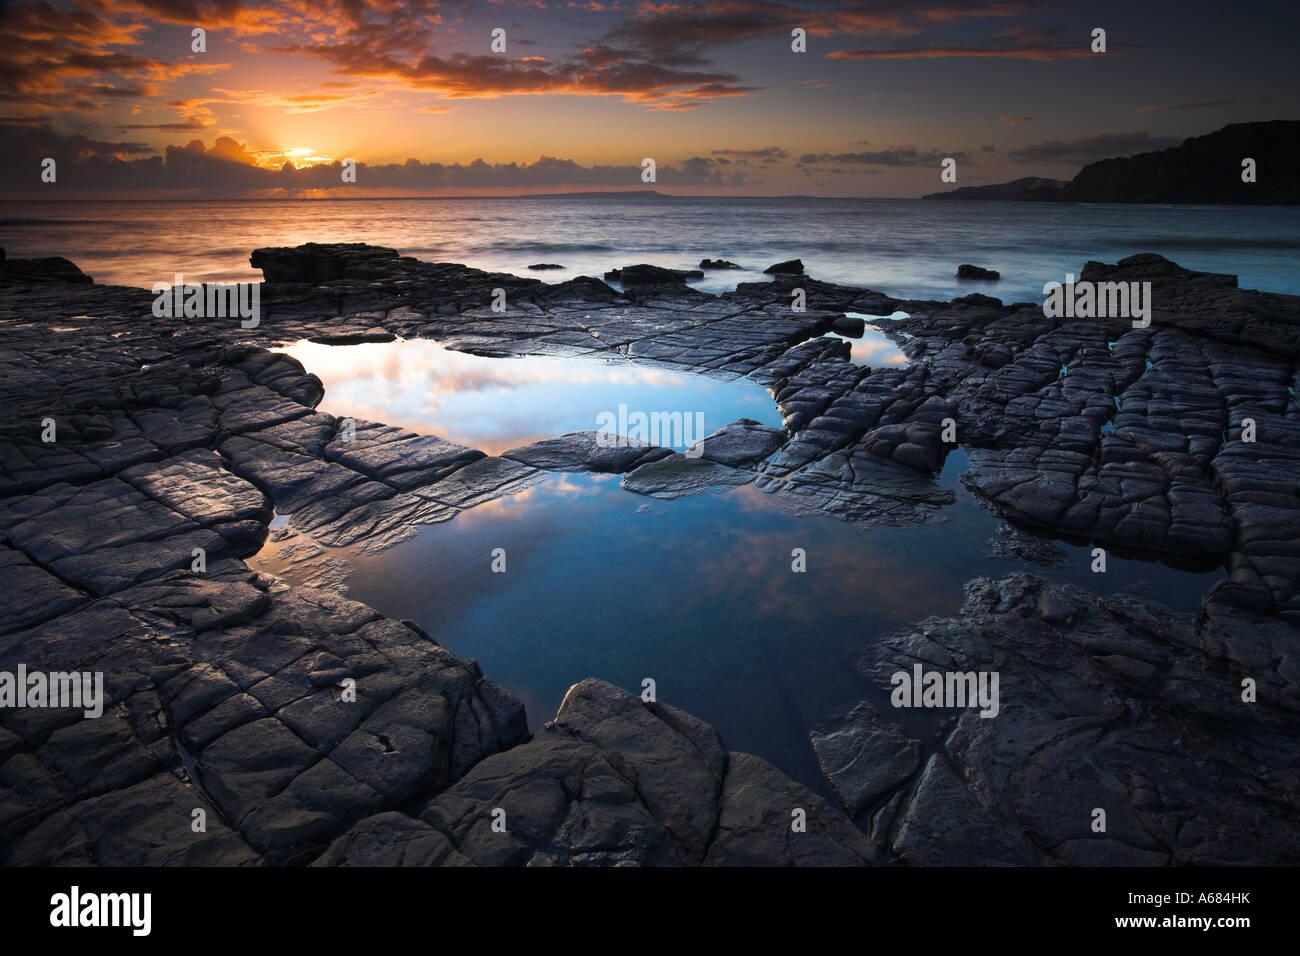 Felsenpools auf Felsenleisten Kimmeridge Bay Stockbild